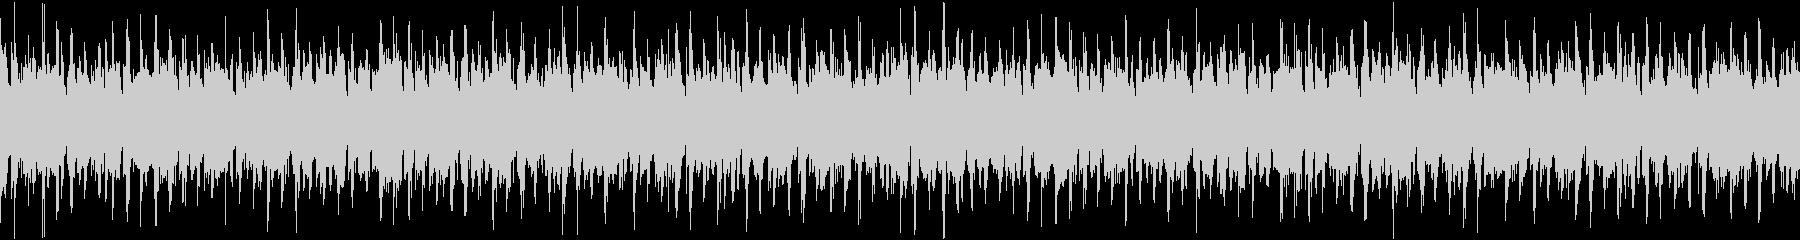 ニュースBGMなどに最適なポップ曲の未再生の波形